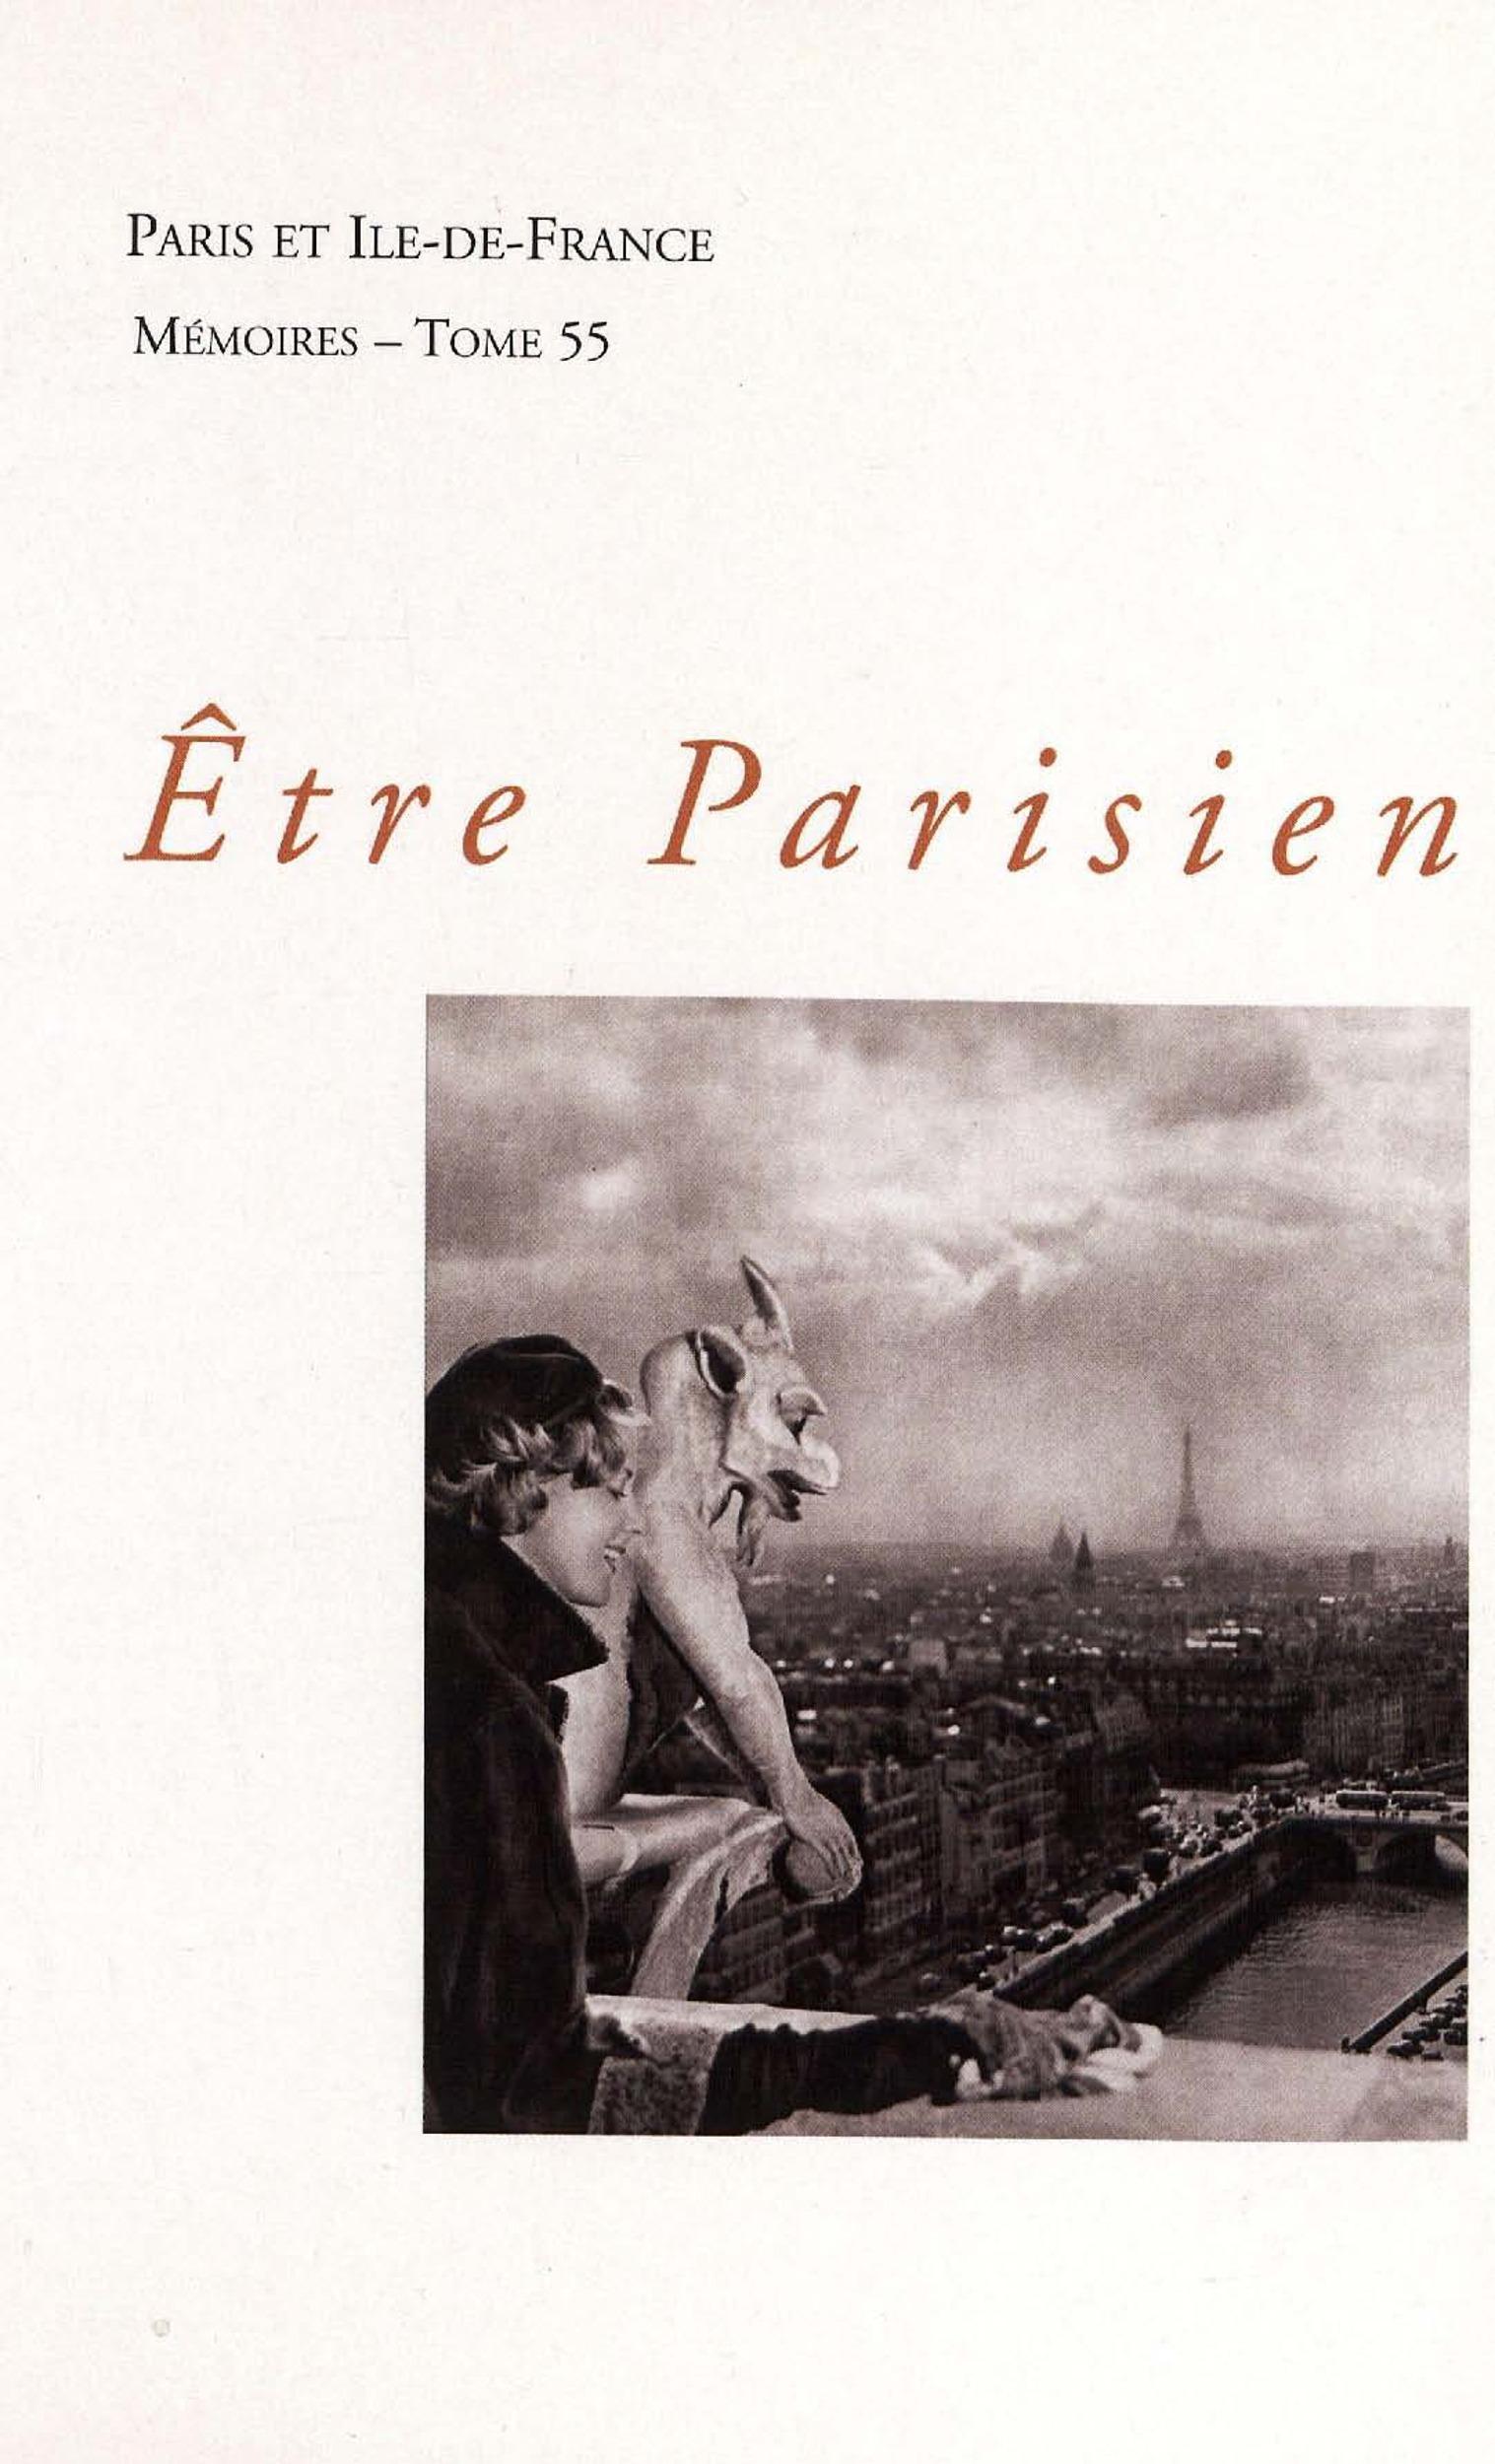 etre parisien